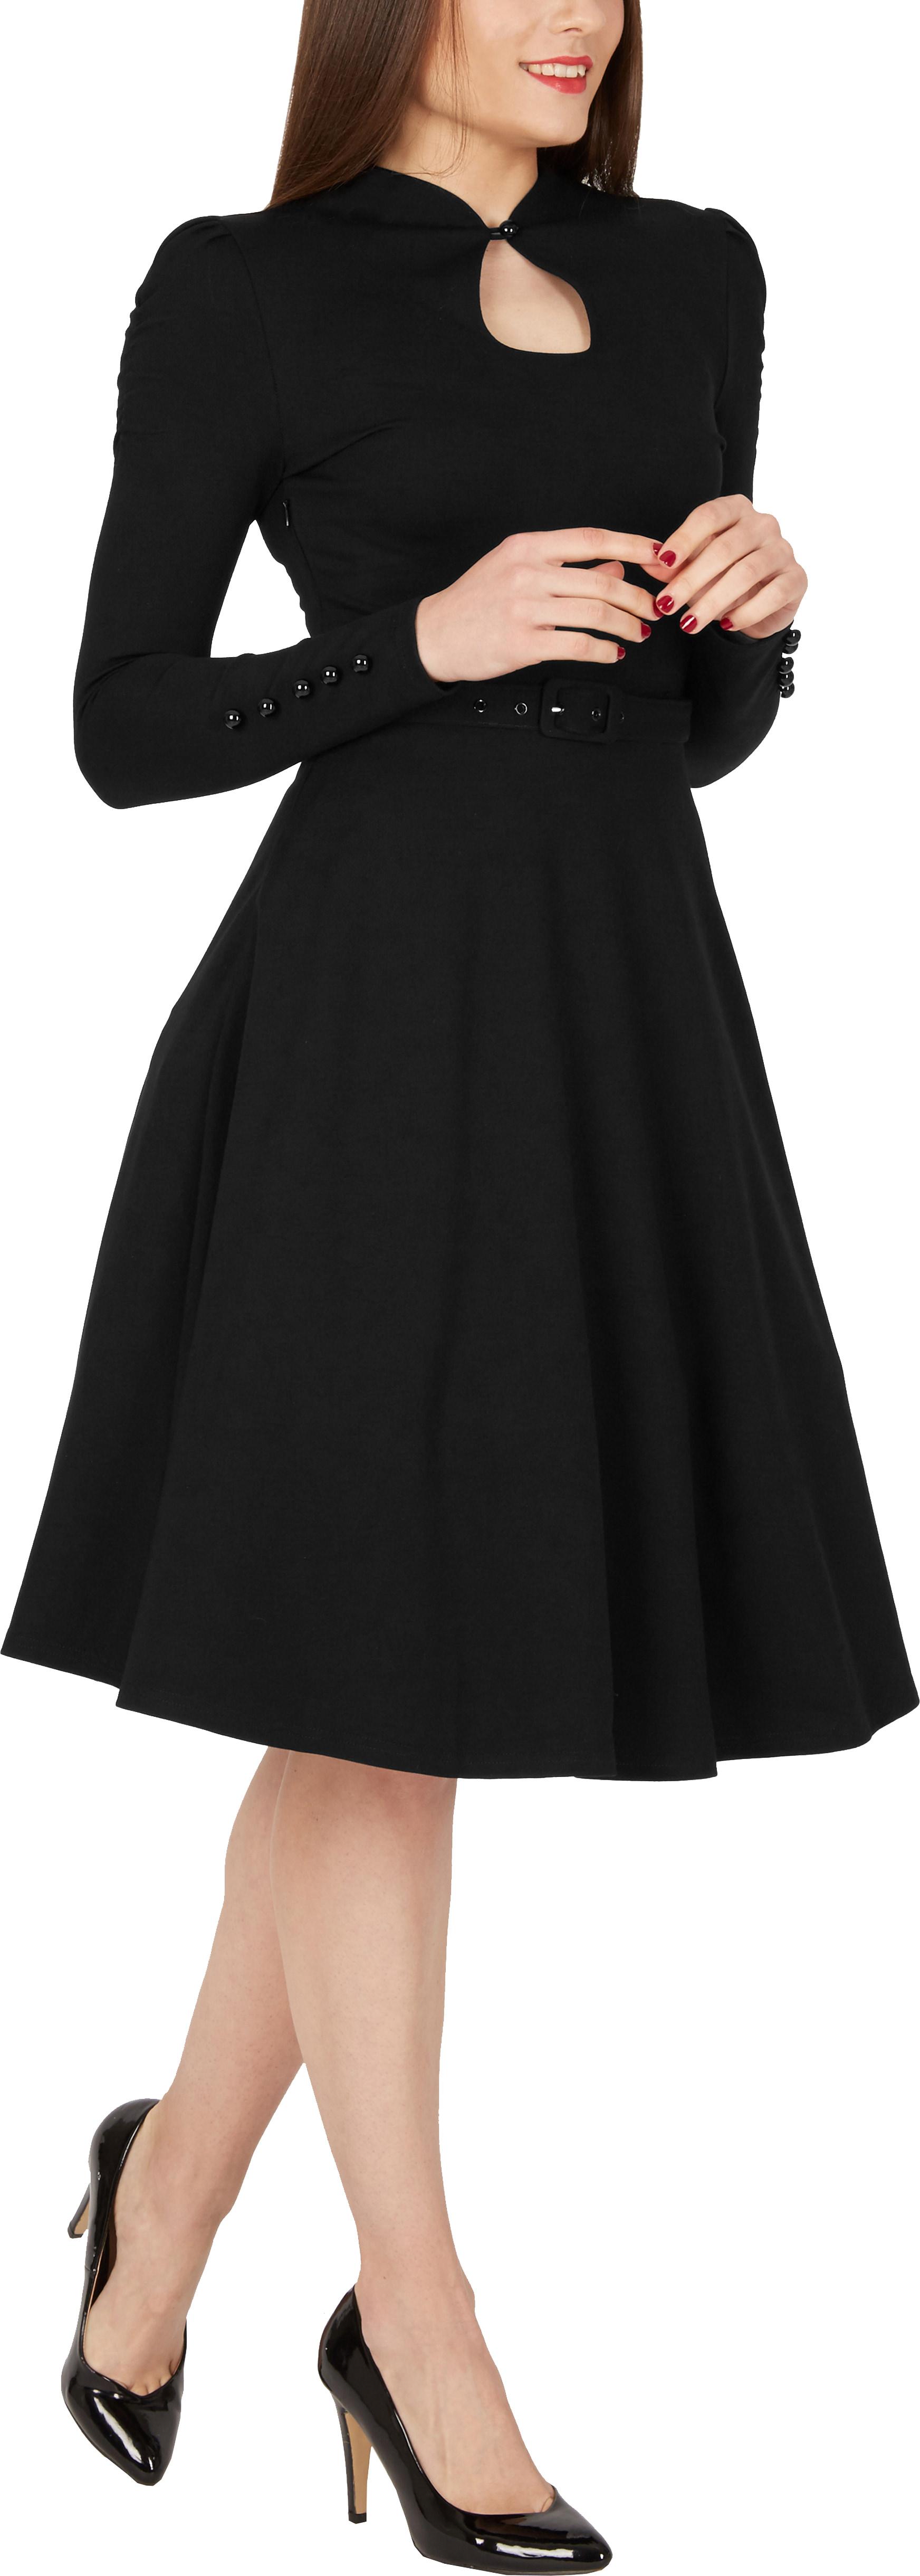 BlackButterfly-039-Megan-039-Vintage-Clarity-50-039-s-Rockabilly-Swing-Prom-Dress